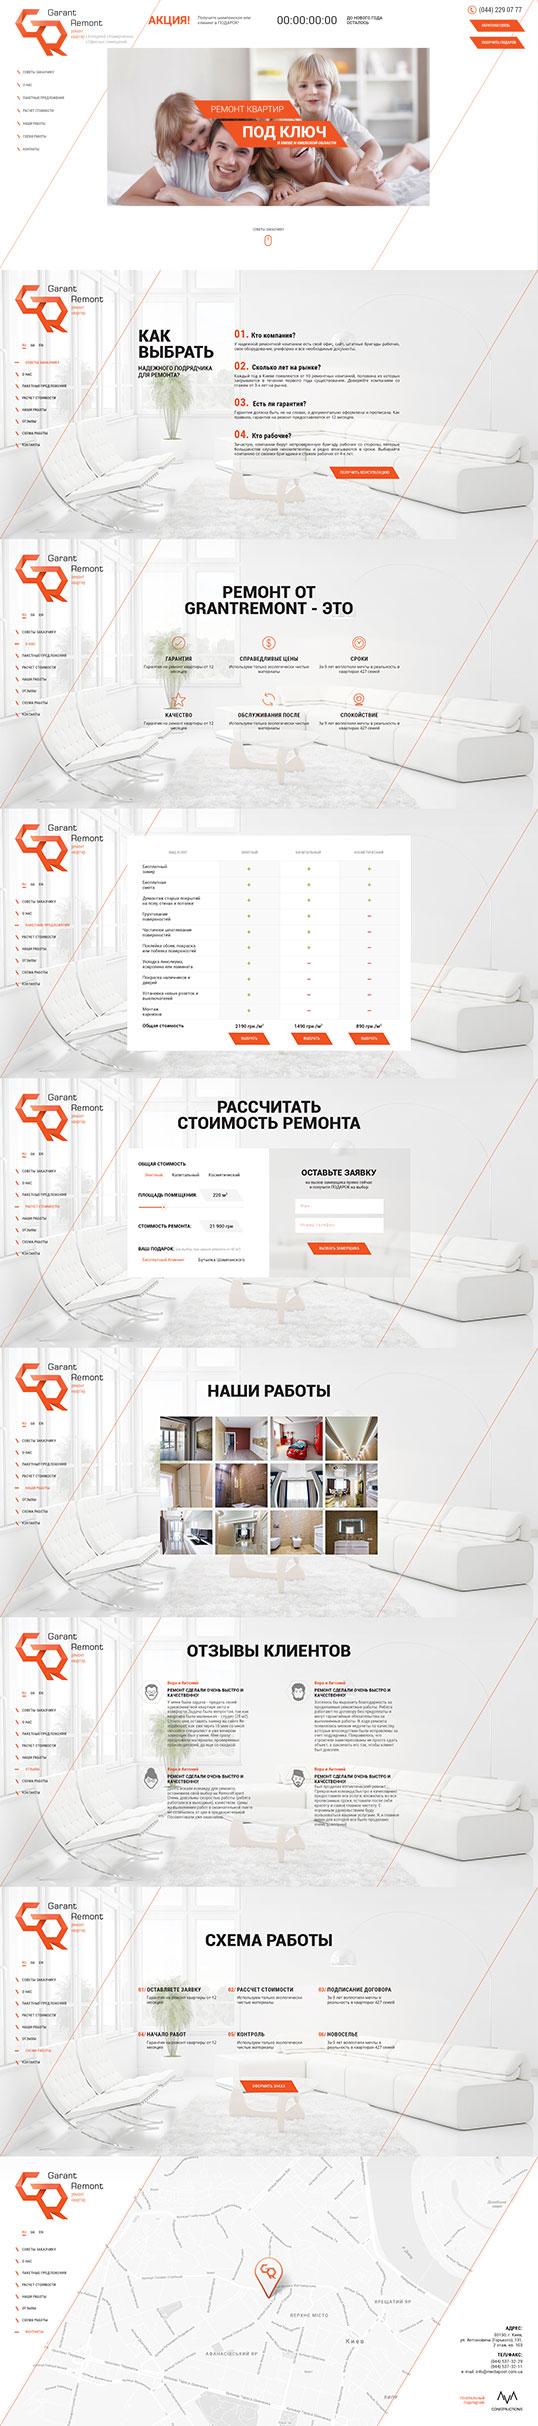 Дизайн, разработка и создание сайта GarantRemont - ремонт квартир под ключ - 1